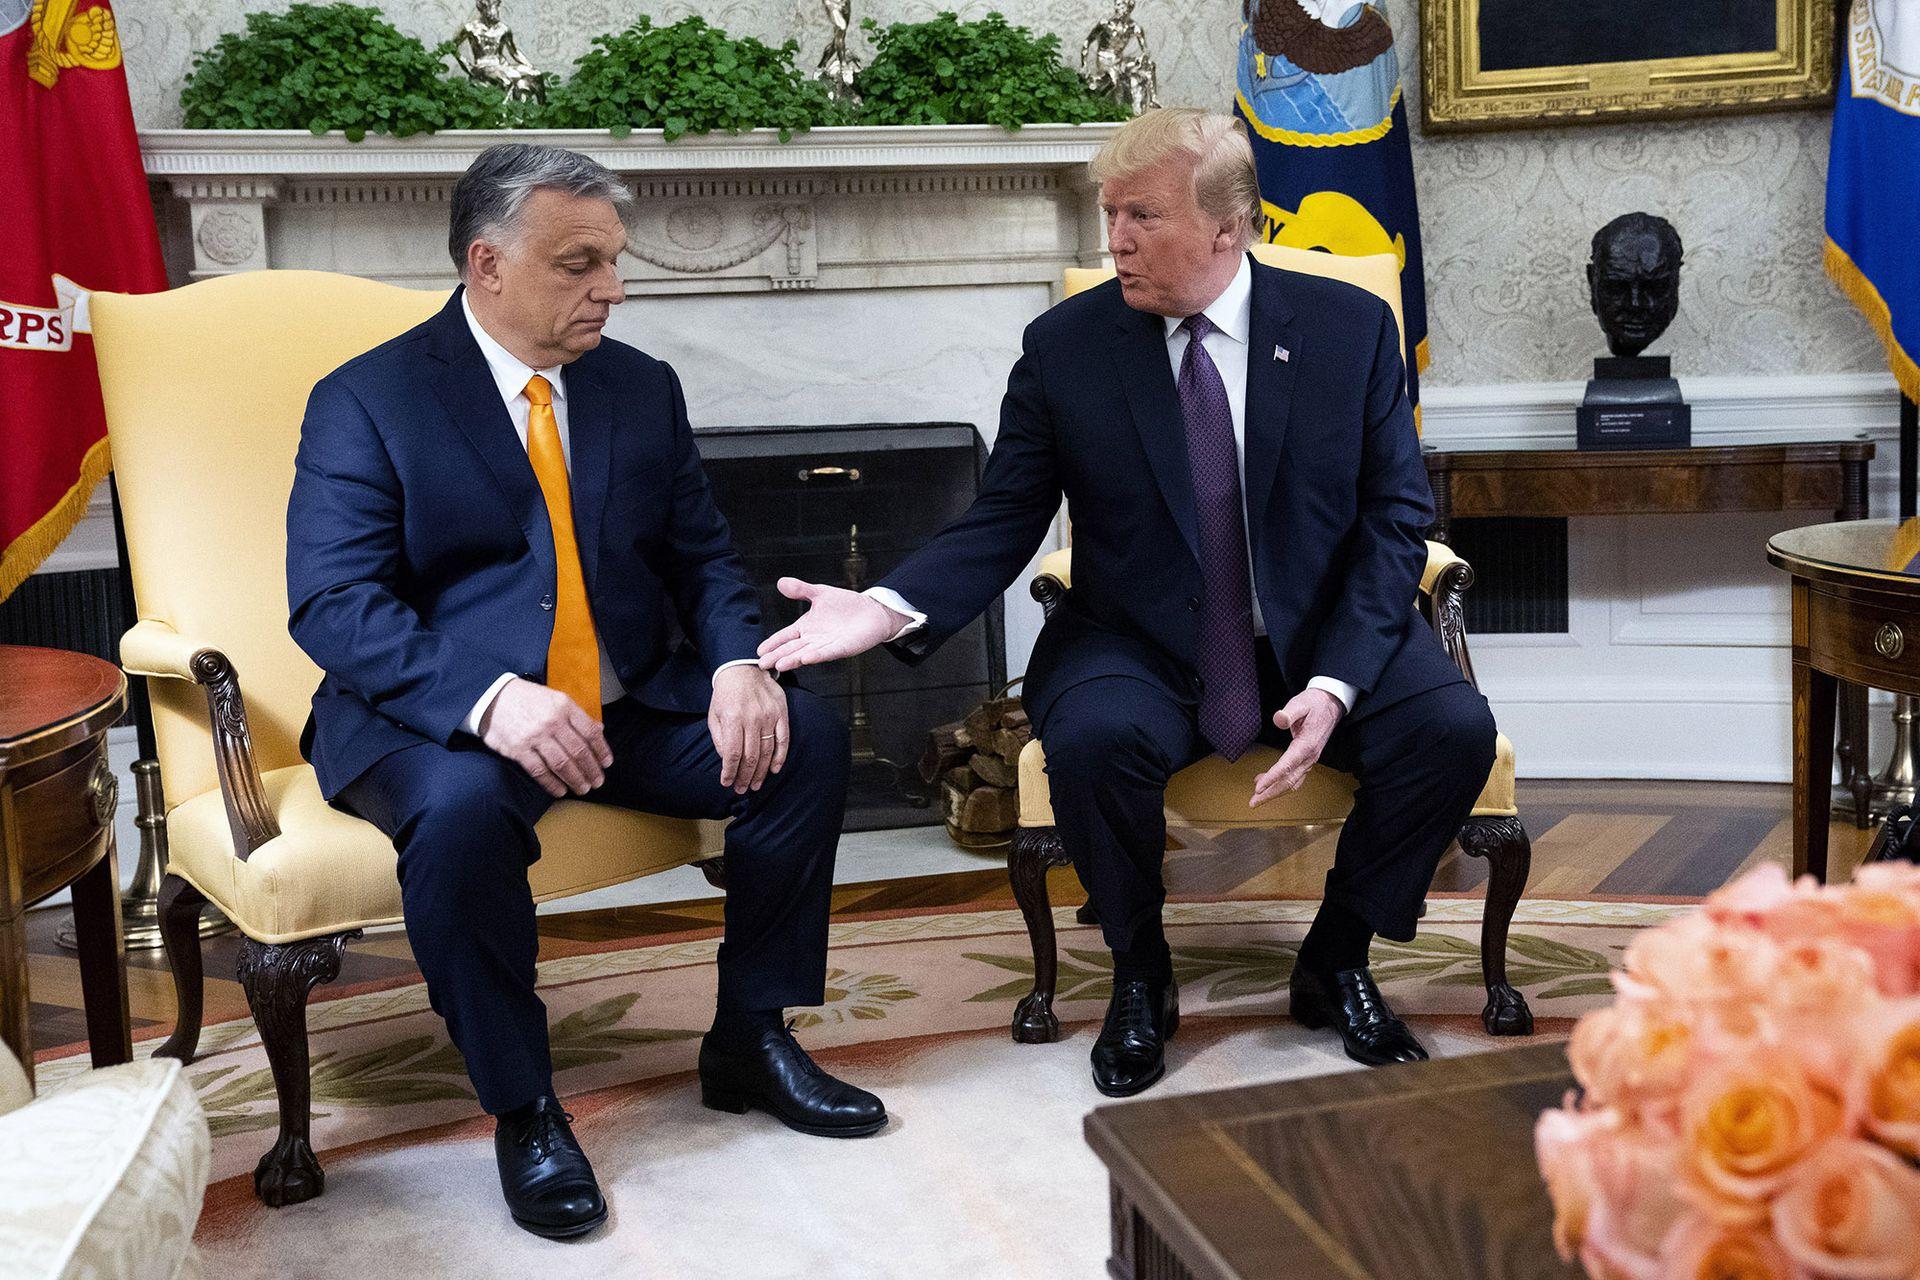 El primer ministro húngaro, Viktor Orbán, escucha en el Salón Oval al presidente de Estados Unidos, Donald Trump, en 2019